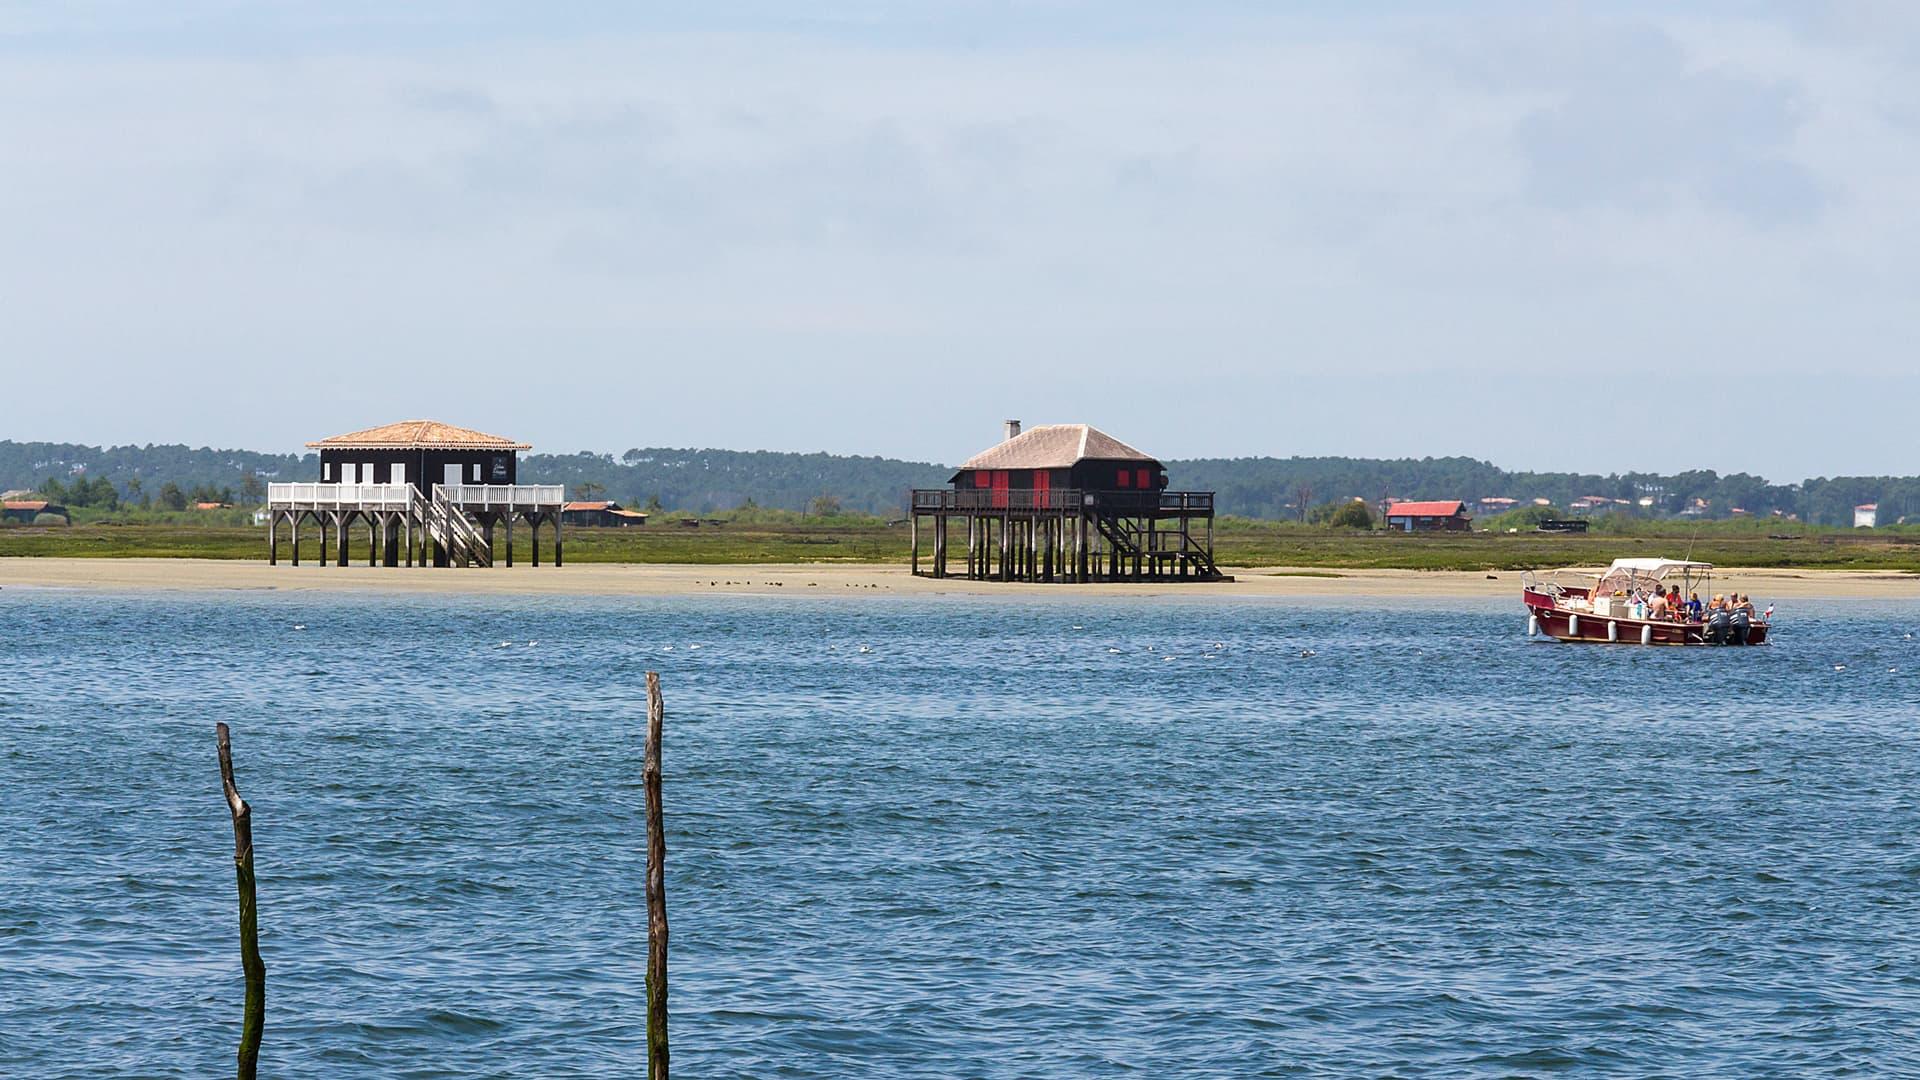 Découverte de l'ile aux oiseaux et ses cabanes tchanquées en bateau